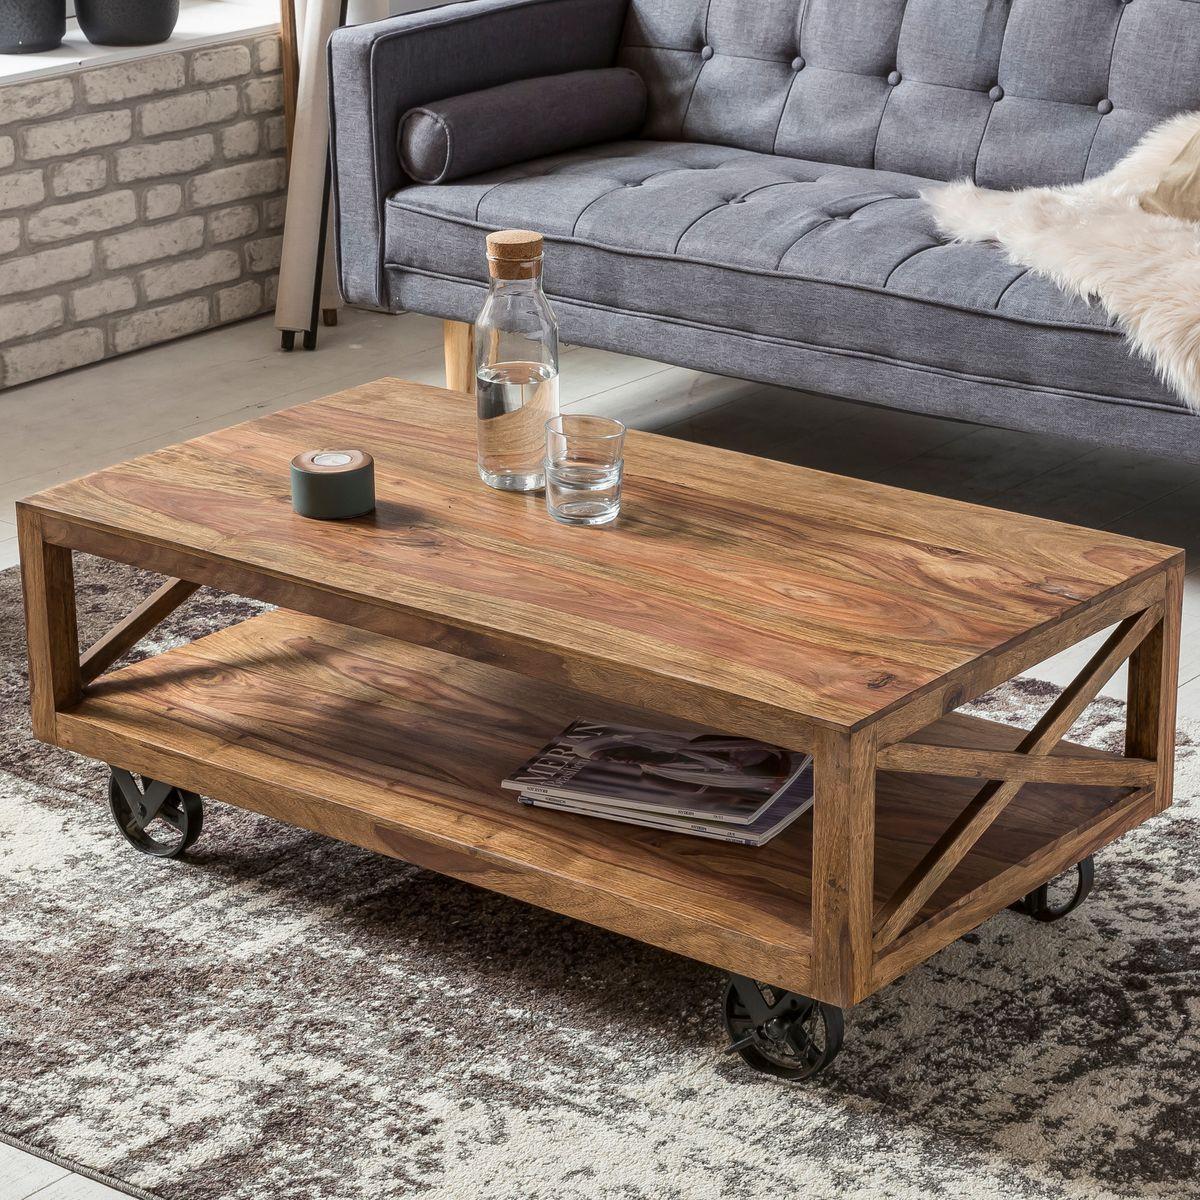 Wohnzimmer Tisch  WOHNLING Couchtisch PALI Massiv Holz Sheesham 110 cm breit